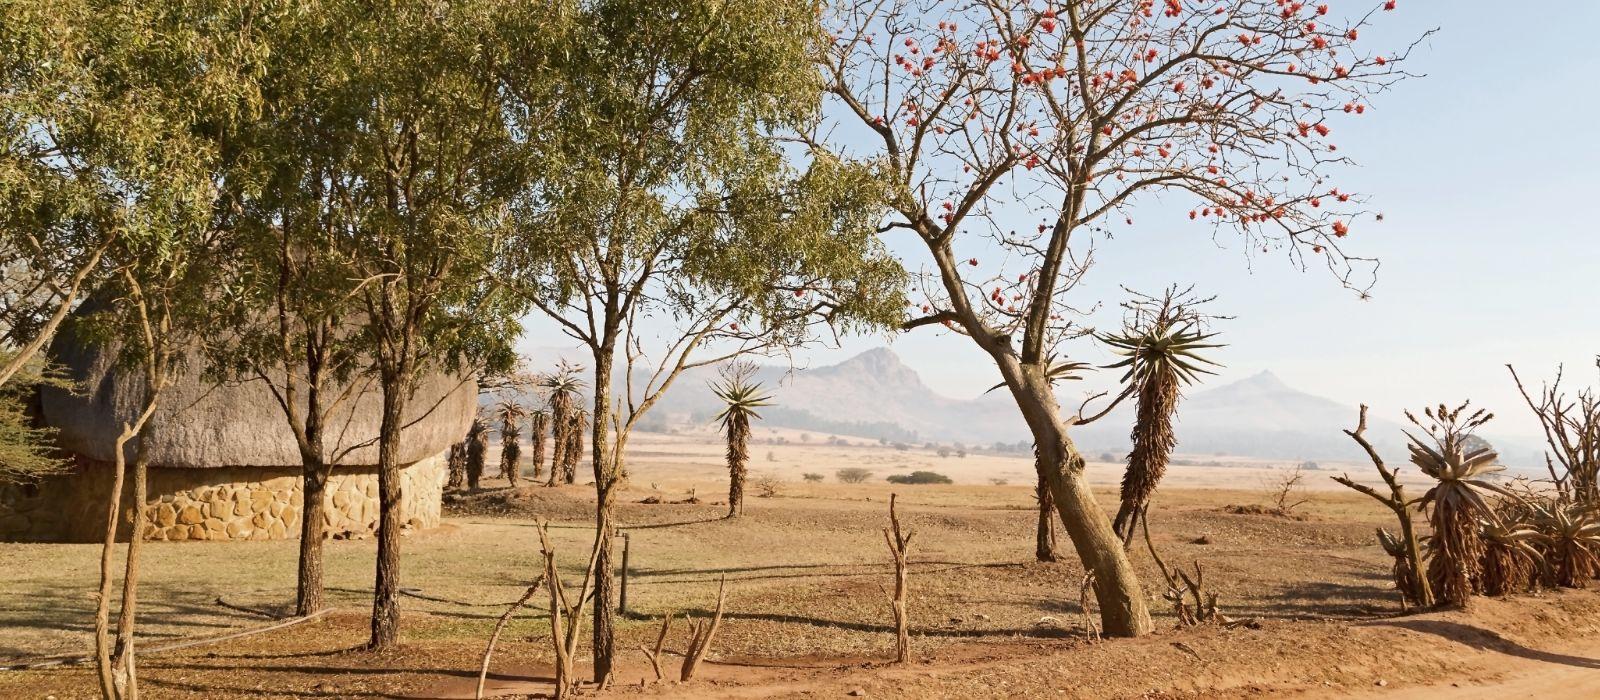 ESWATINI (SWASILAND) Naturschutzgebiet Berg und Baum